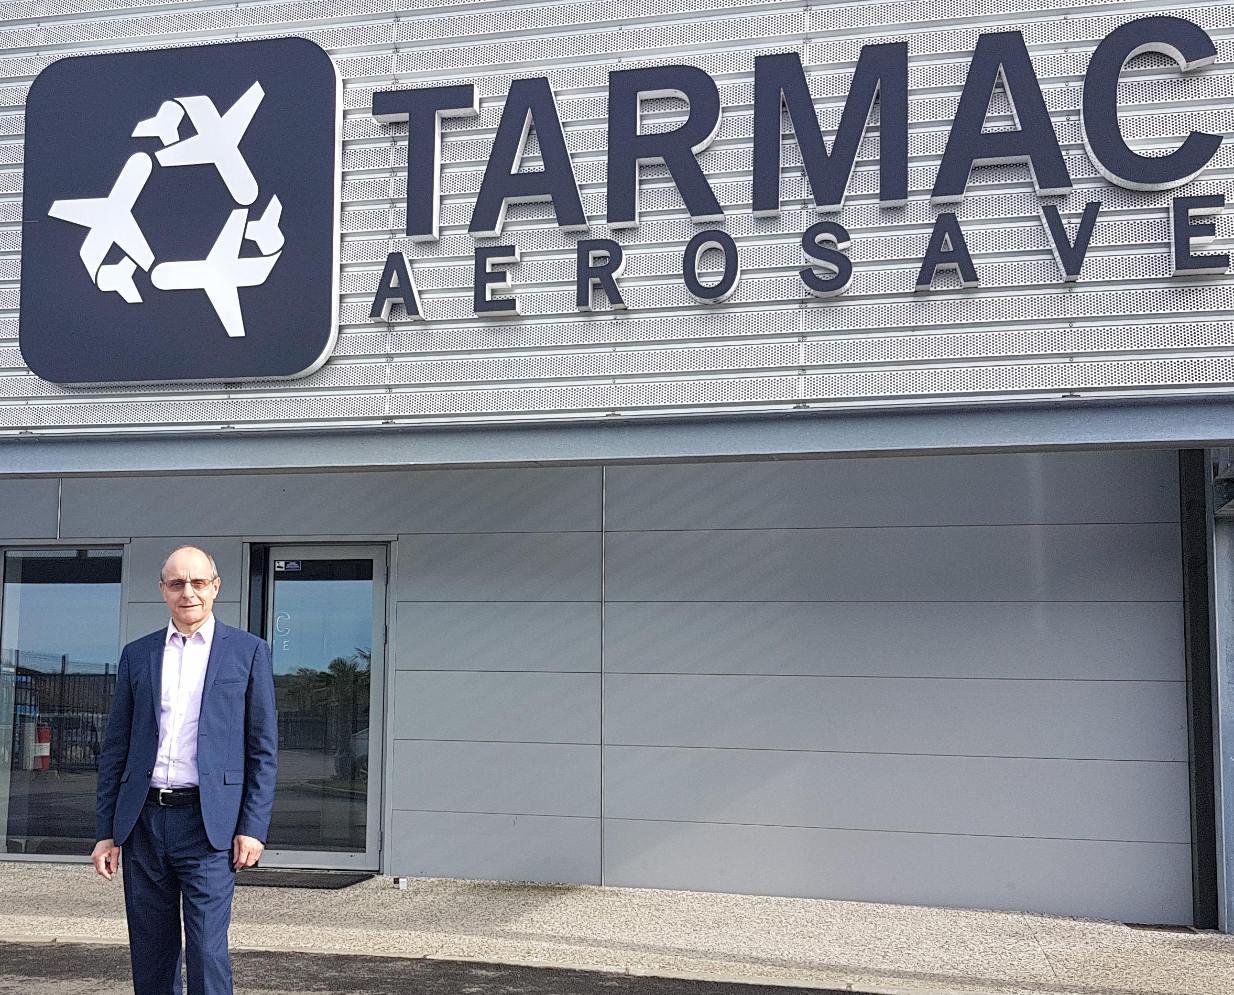 Patrick Lecer aux commandes de Tarmac Aerosave